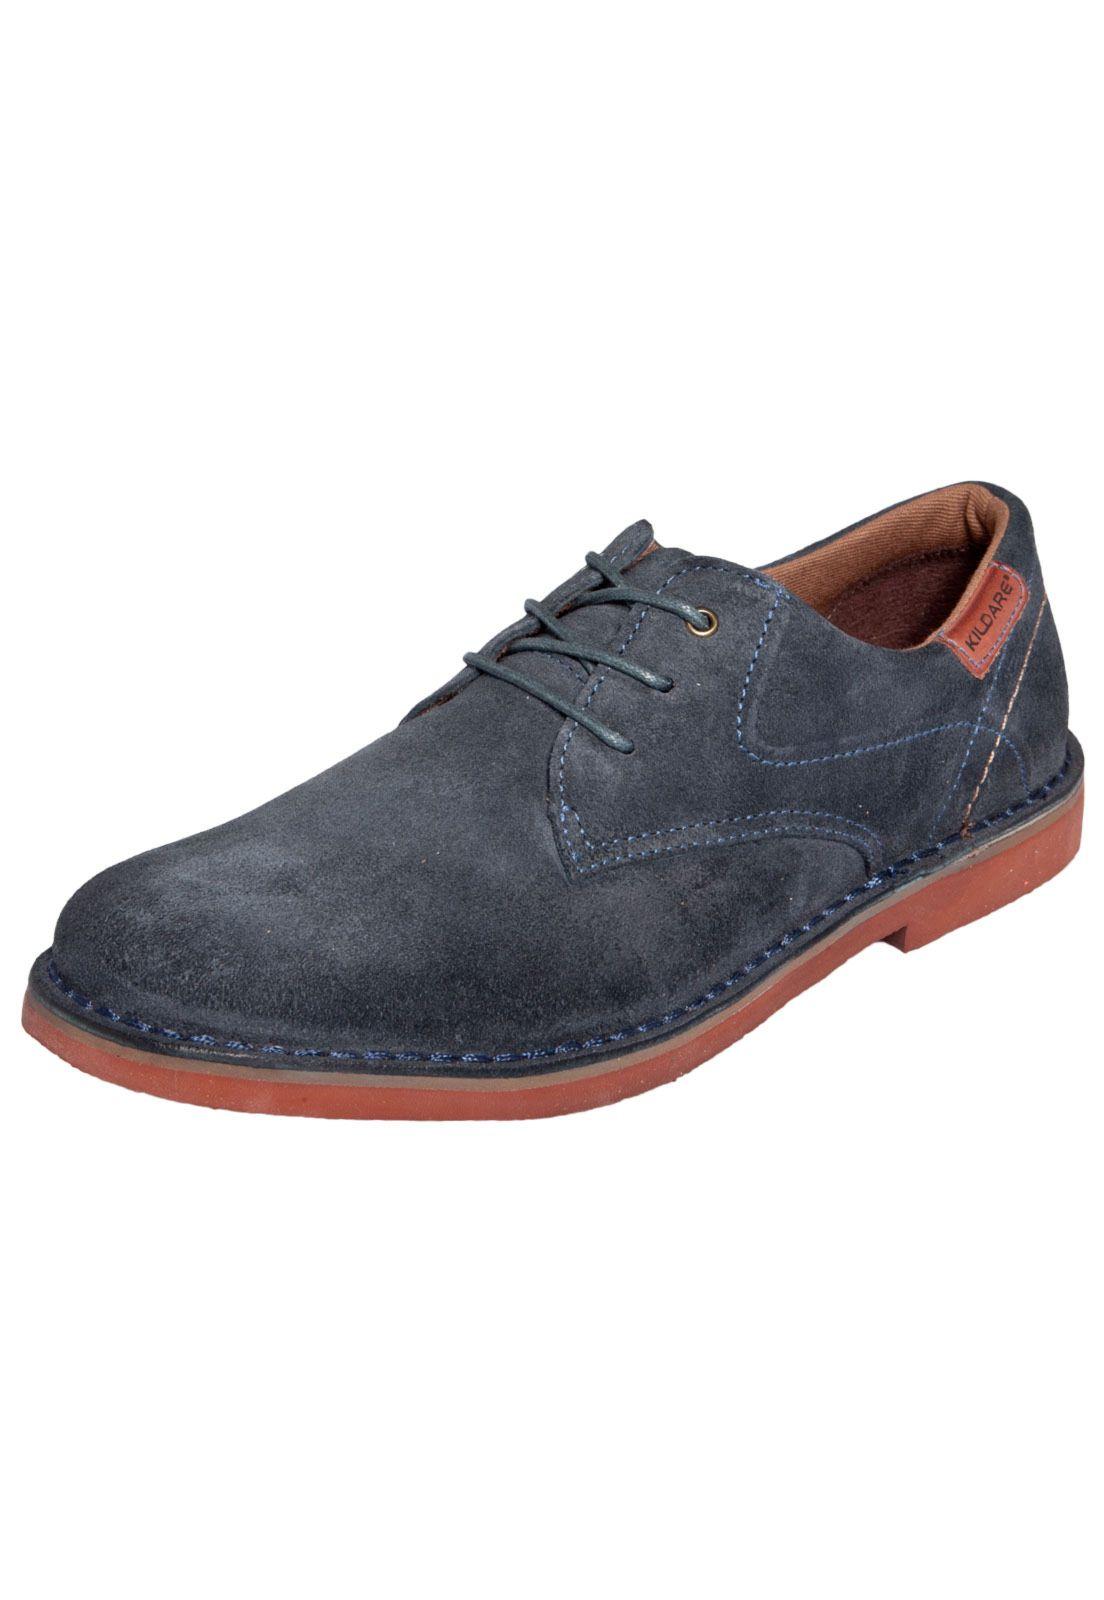 c9d1e262d2b Sapato Kildare Azul - Dafiti Brasil (Sapatos Kildare são bem confortáveis e  possuem um solado